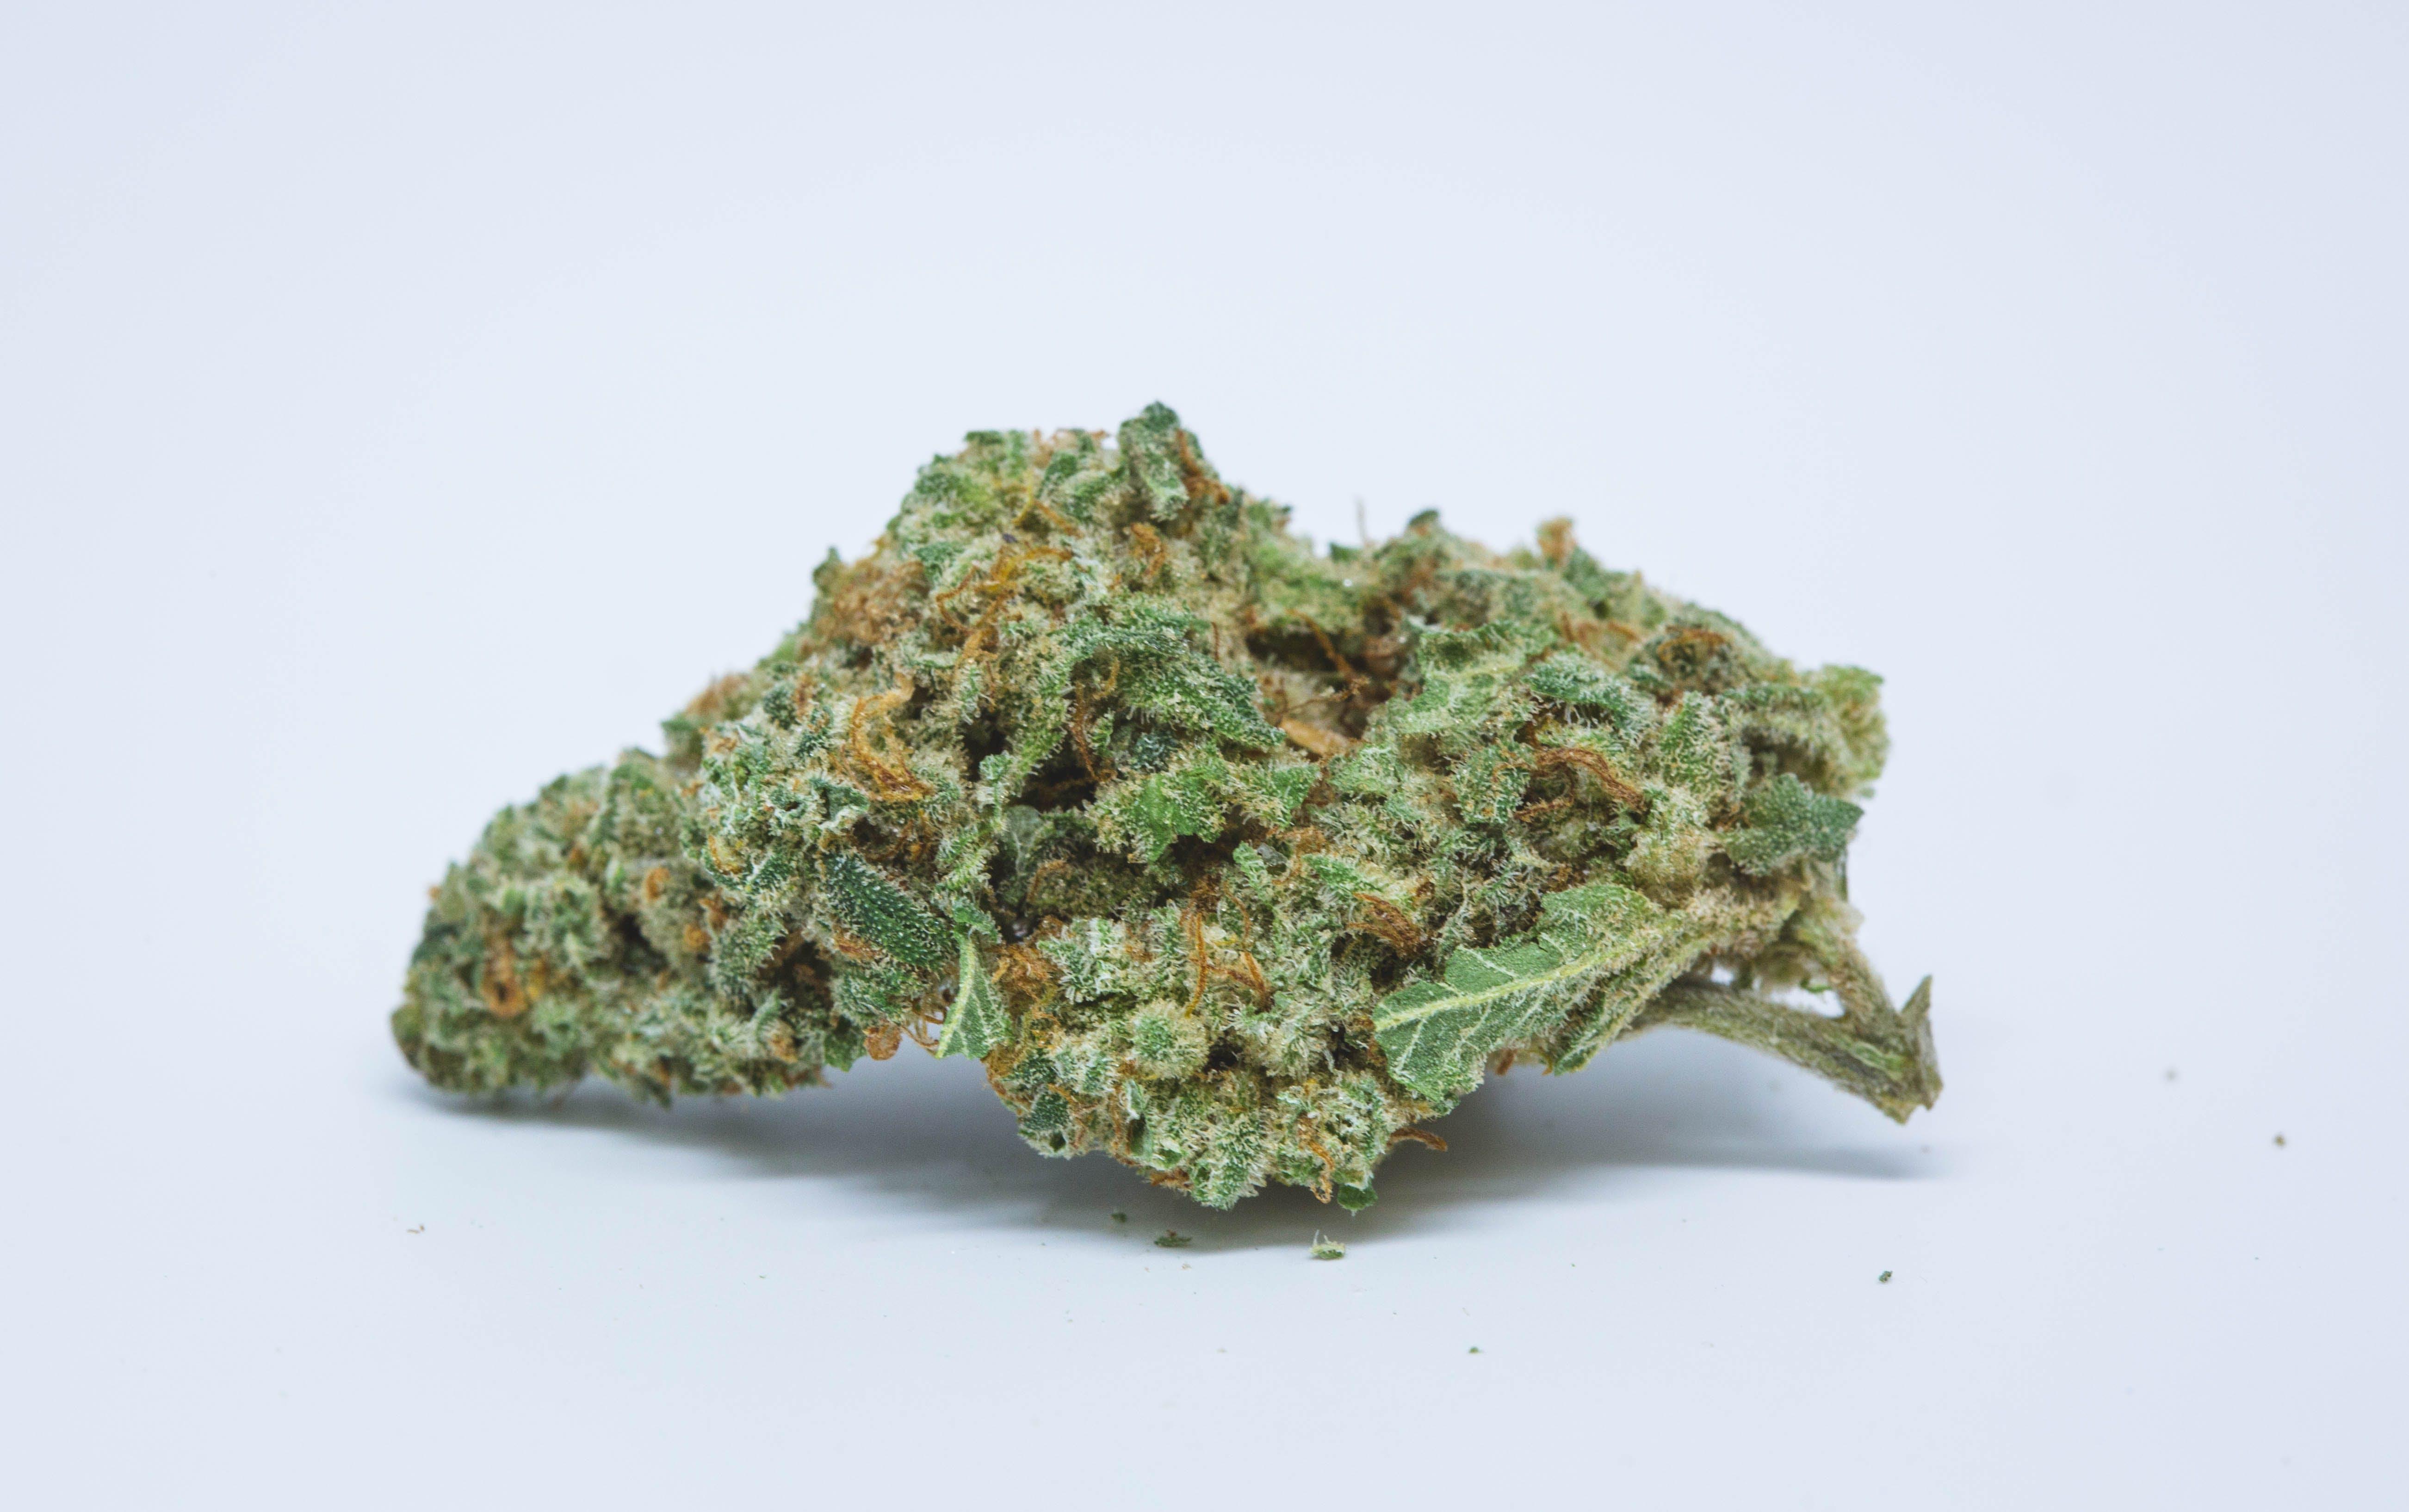 Sour Kush Weed; Sour Kush Cannabis Strain; Sour Kush Hybrid Marijuana Strain